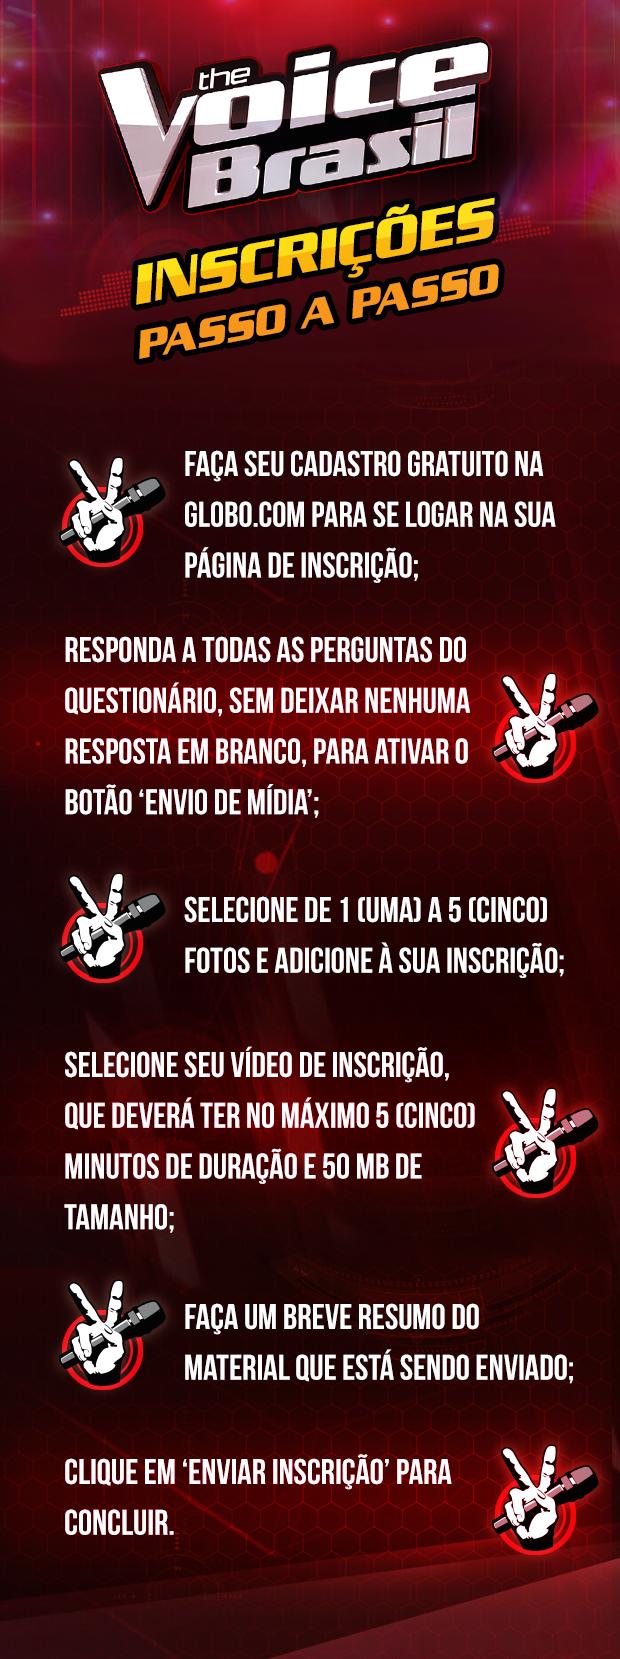 Inscrição The Voice Brasil Passo a Passo